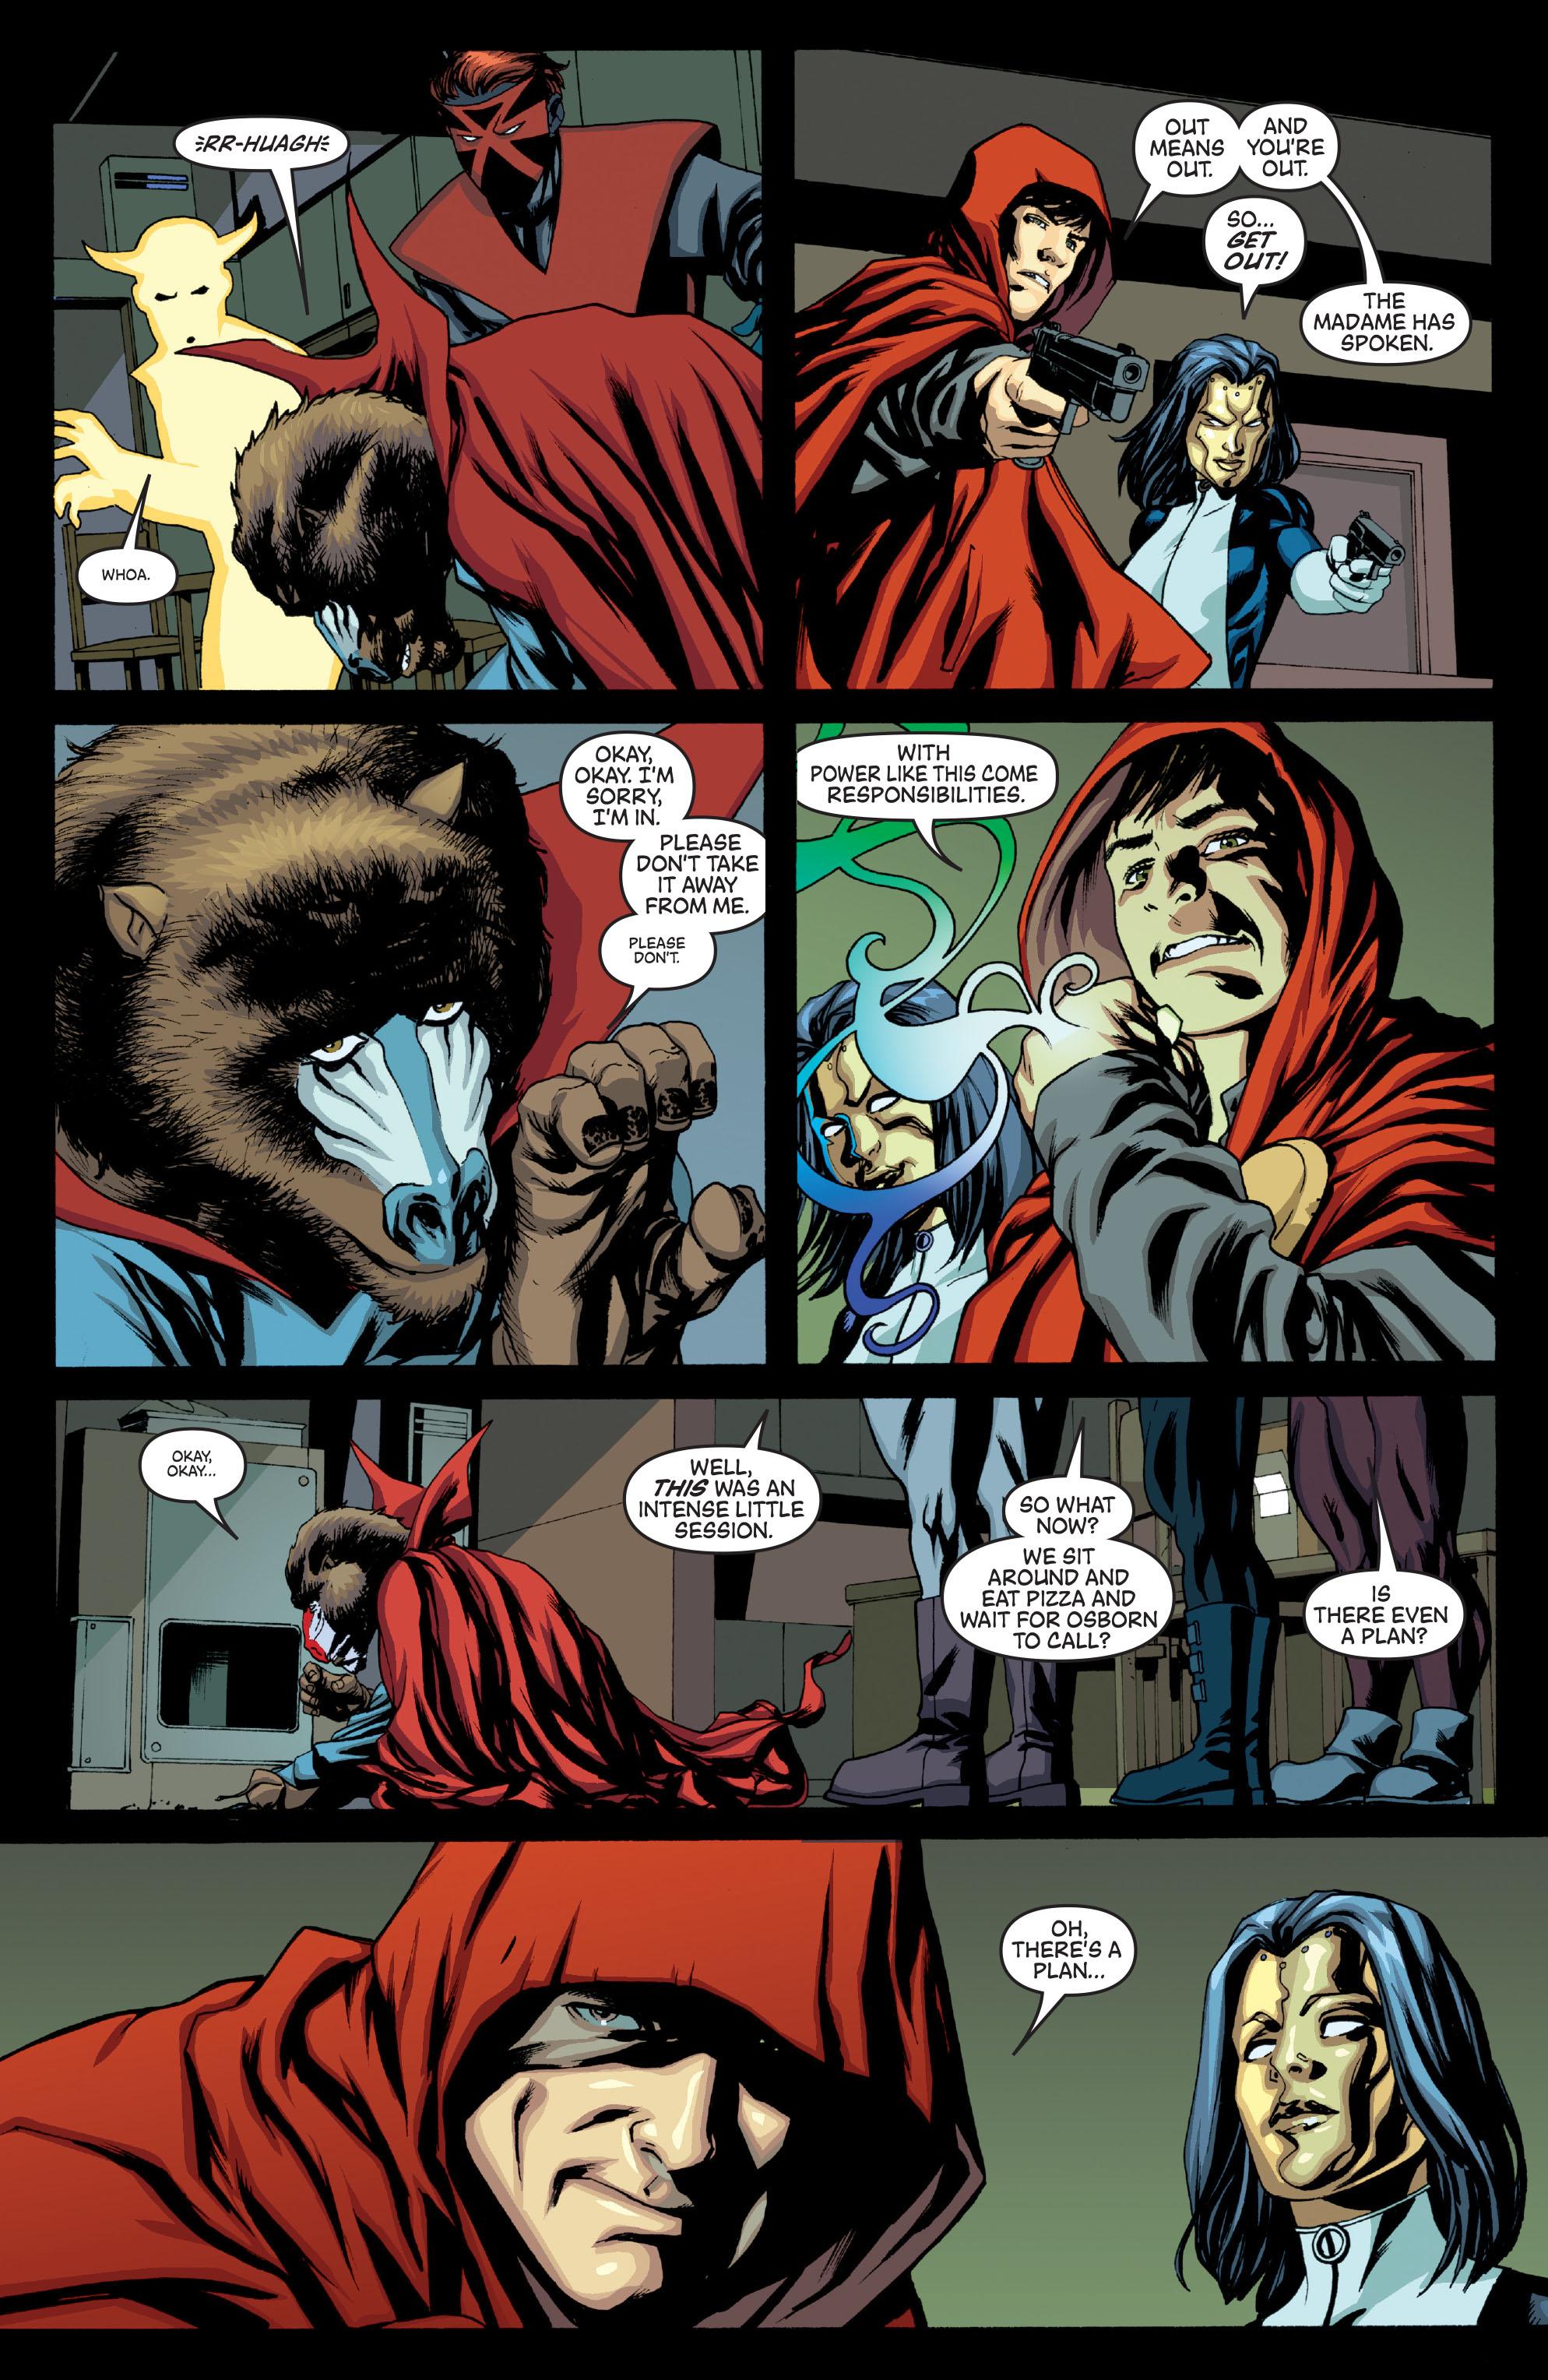 New Avengers (2005) chap 64 pic 9